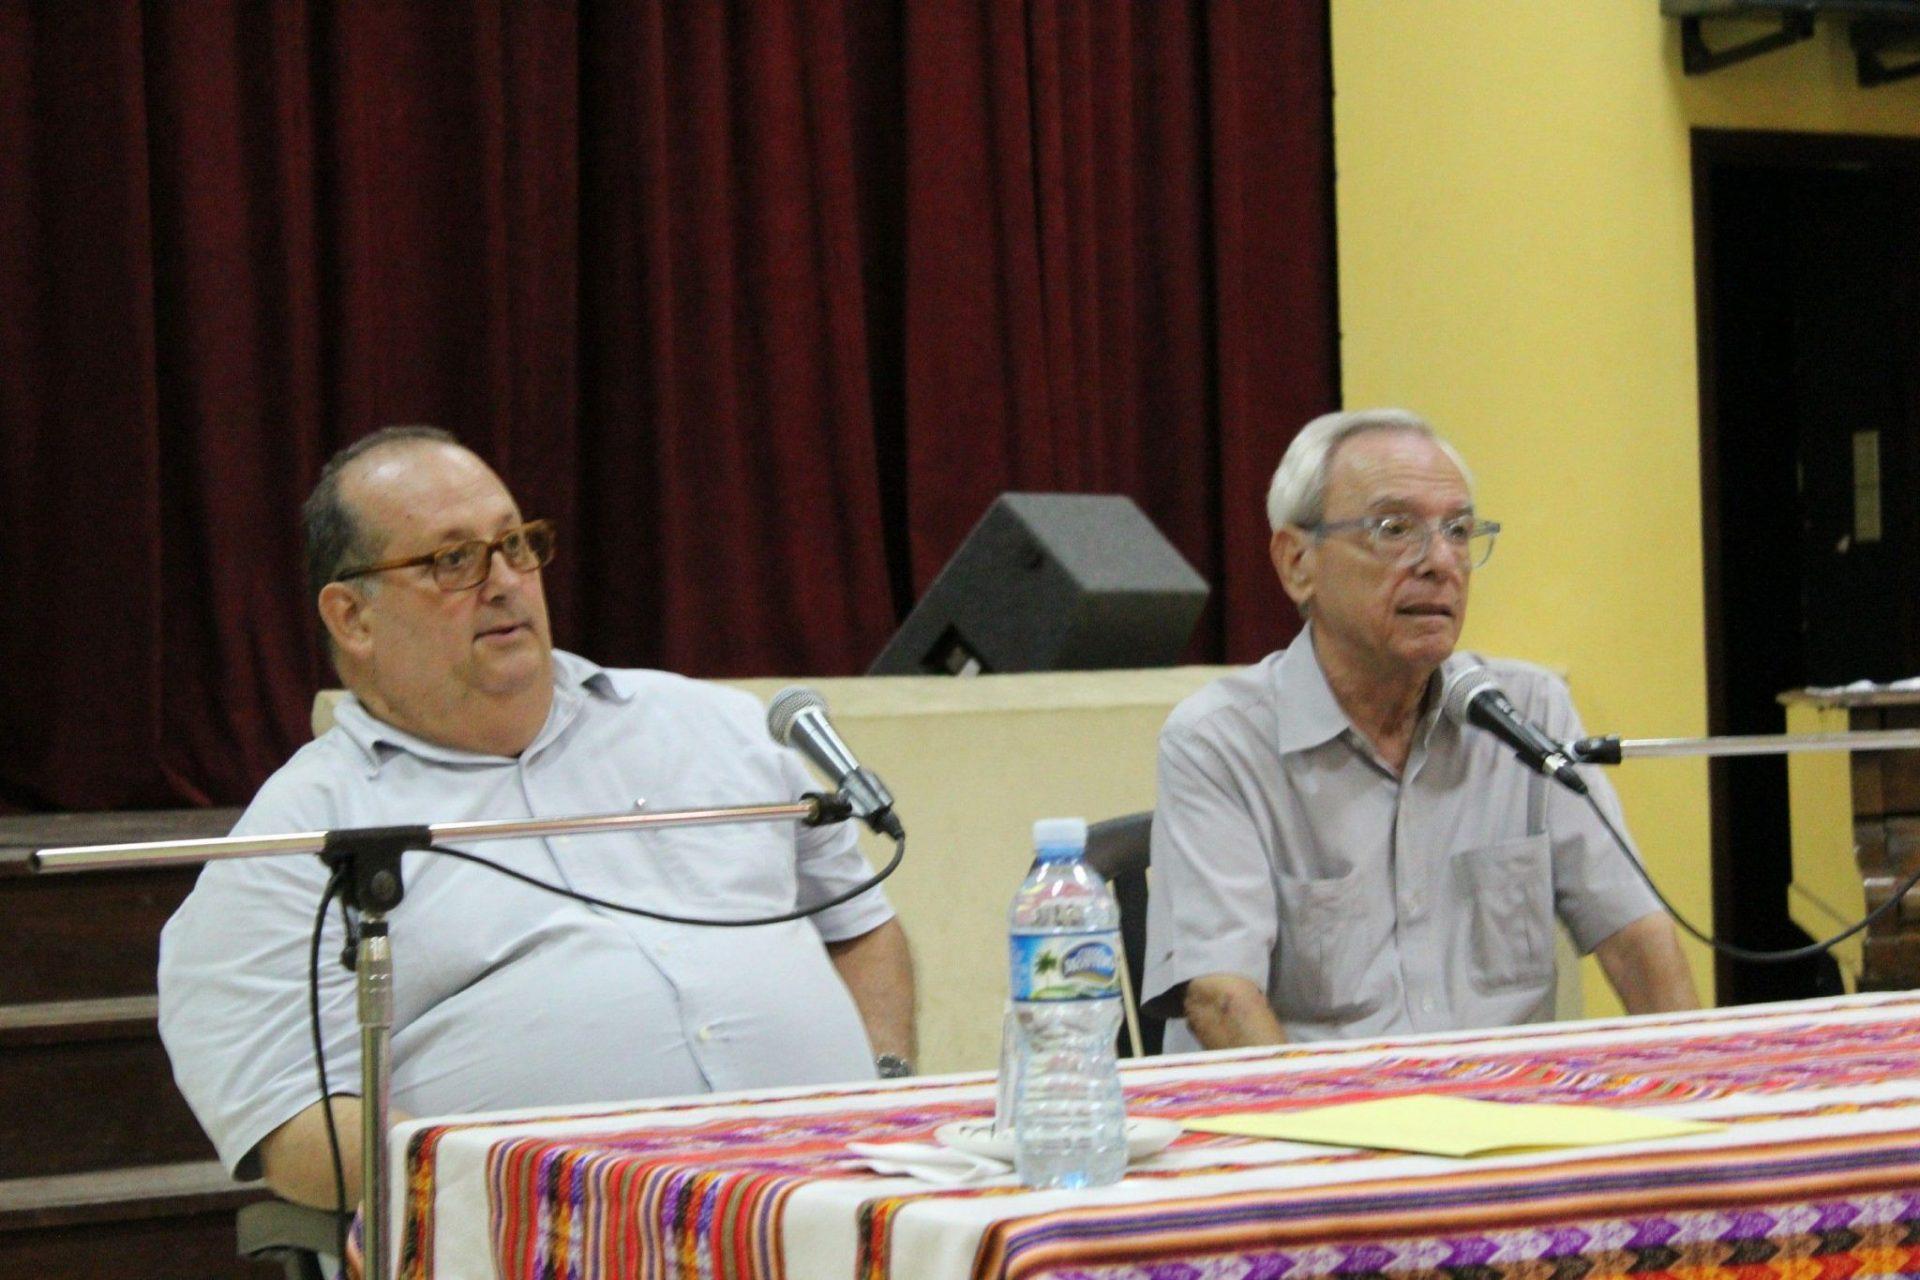 Escritor católico Roberto Méndez junto a el historiador de la ciudad, el Dr. Eusebio Leal Spengler